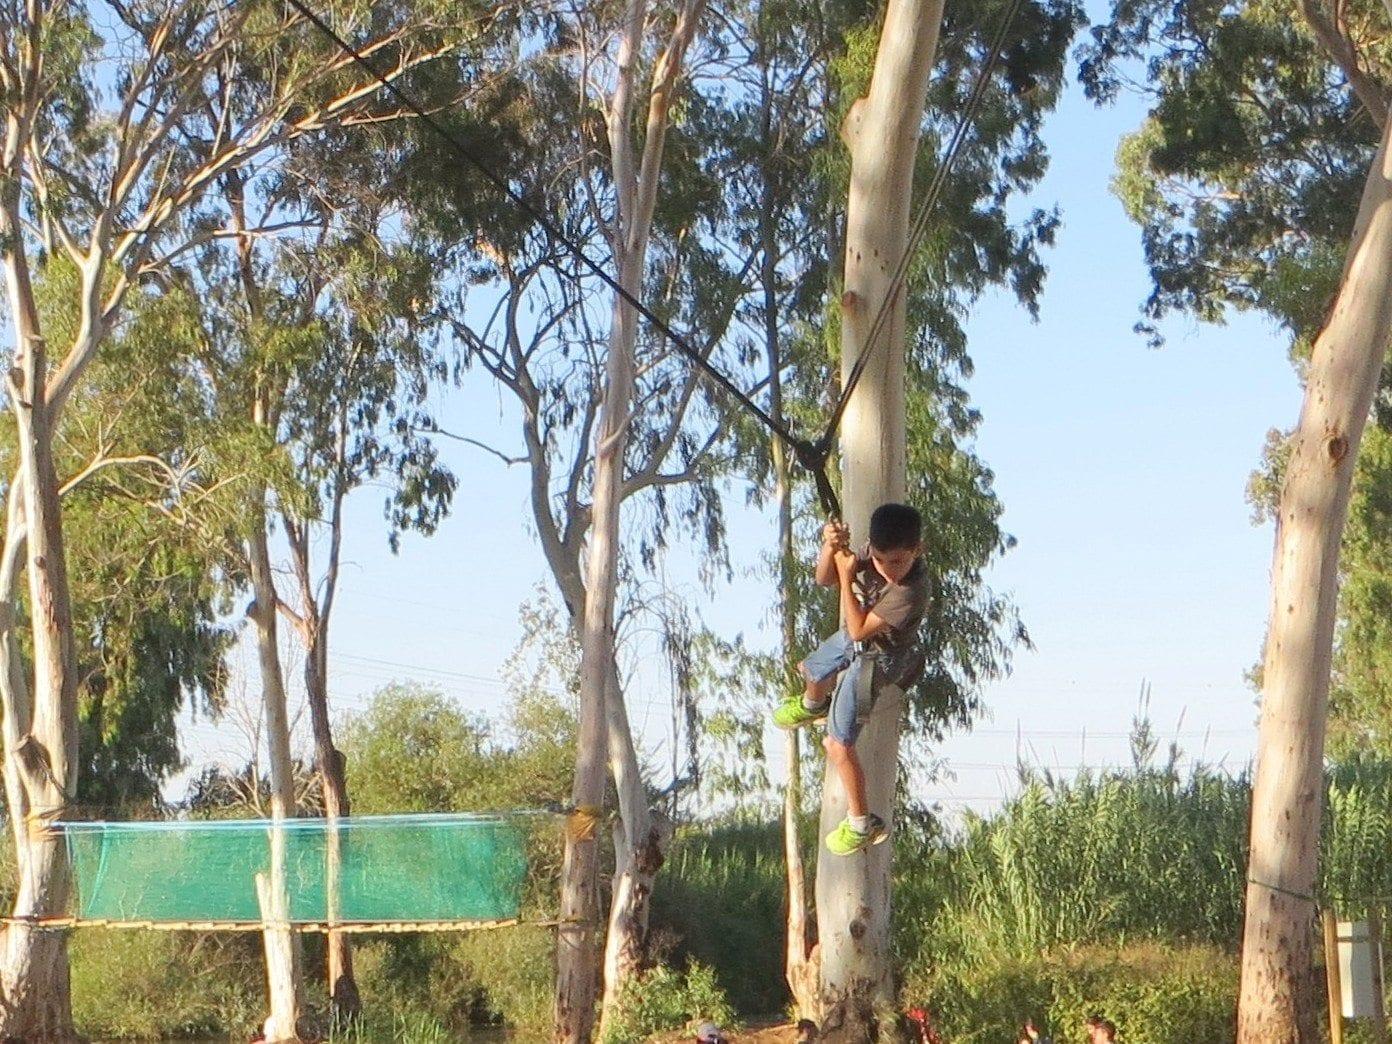 חבלים בין העצים עם נועם בנק